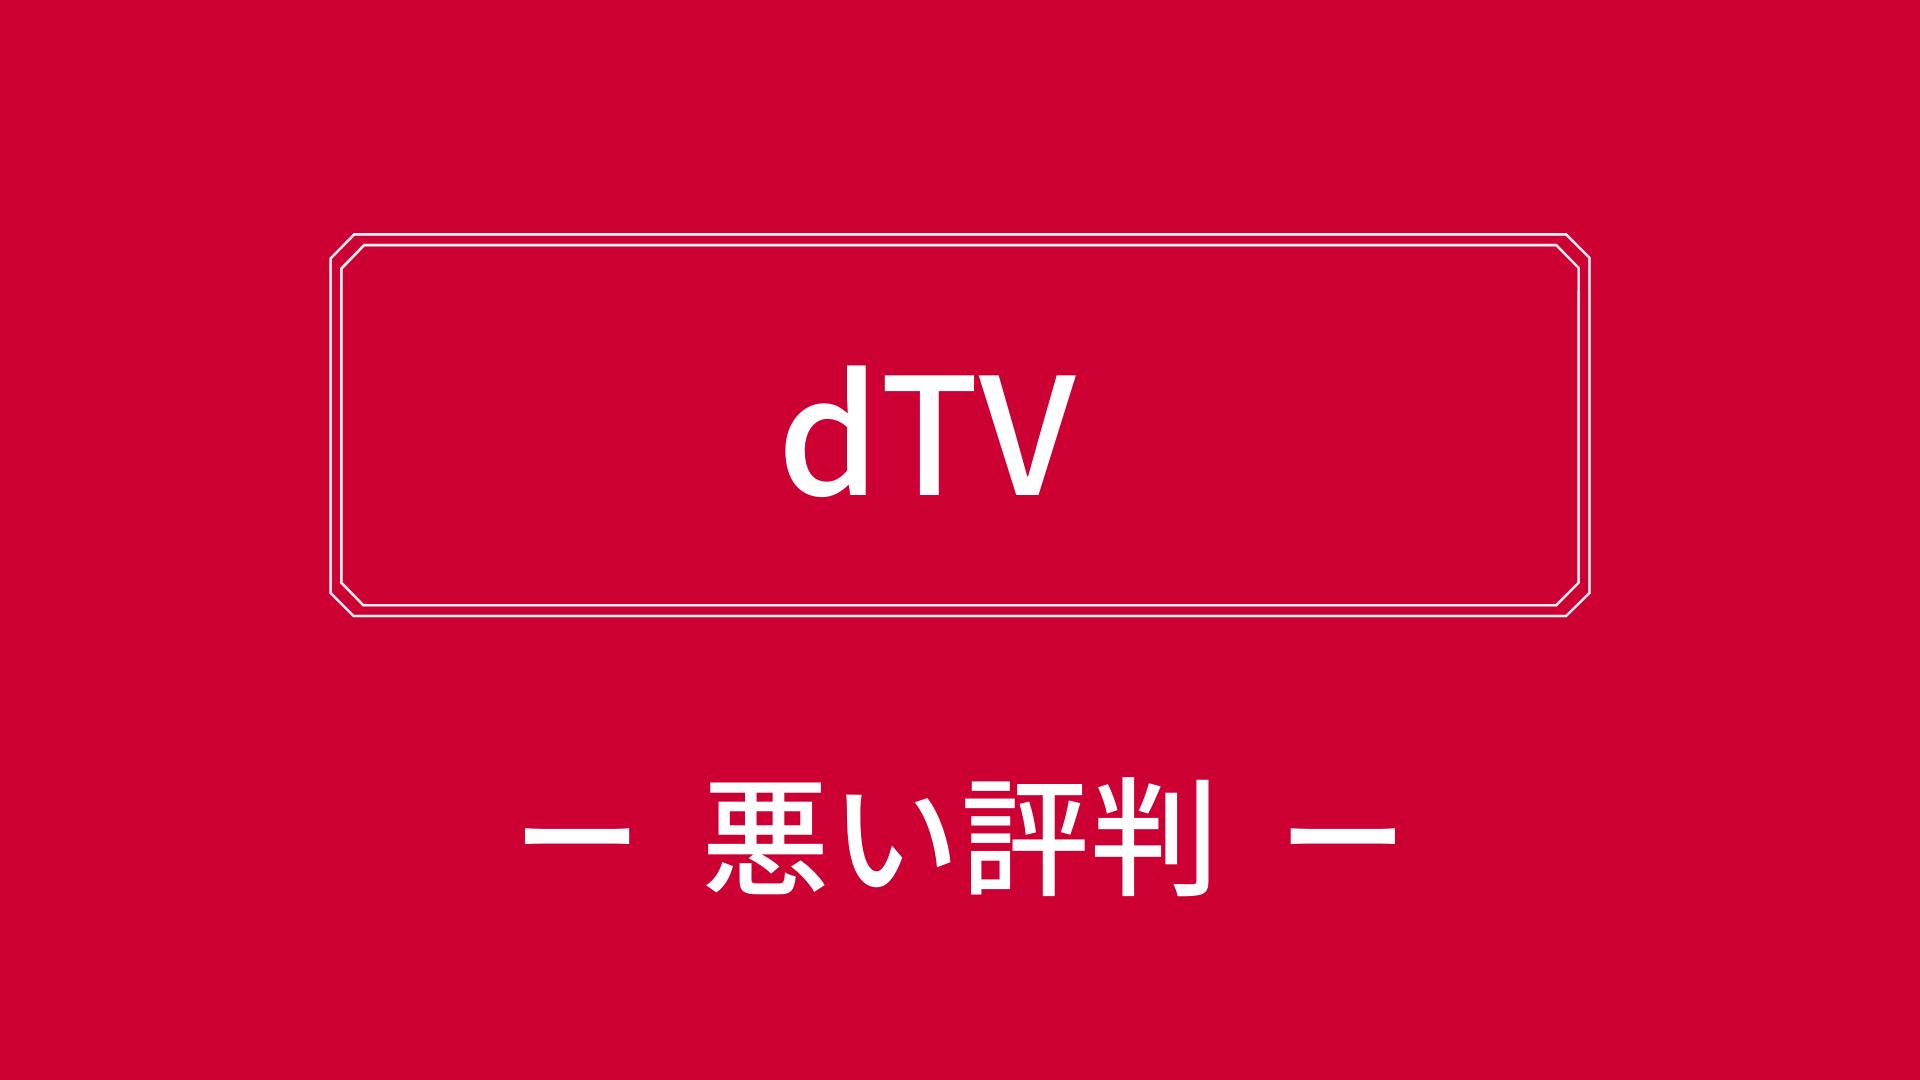 dTVの悪い評判・口コミ